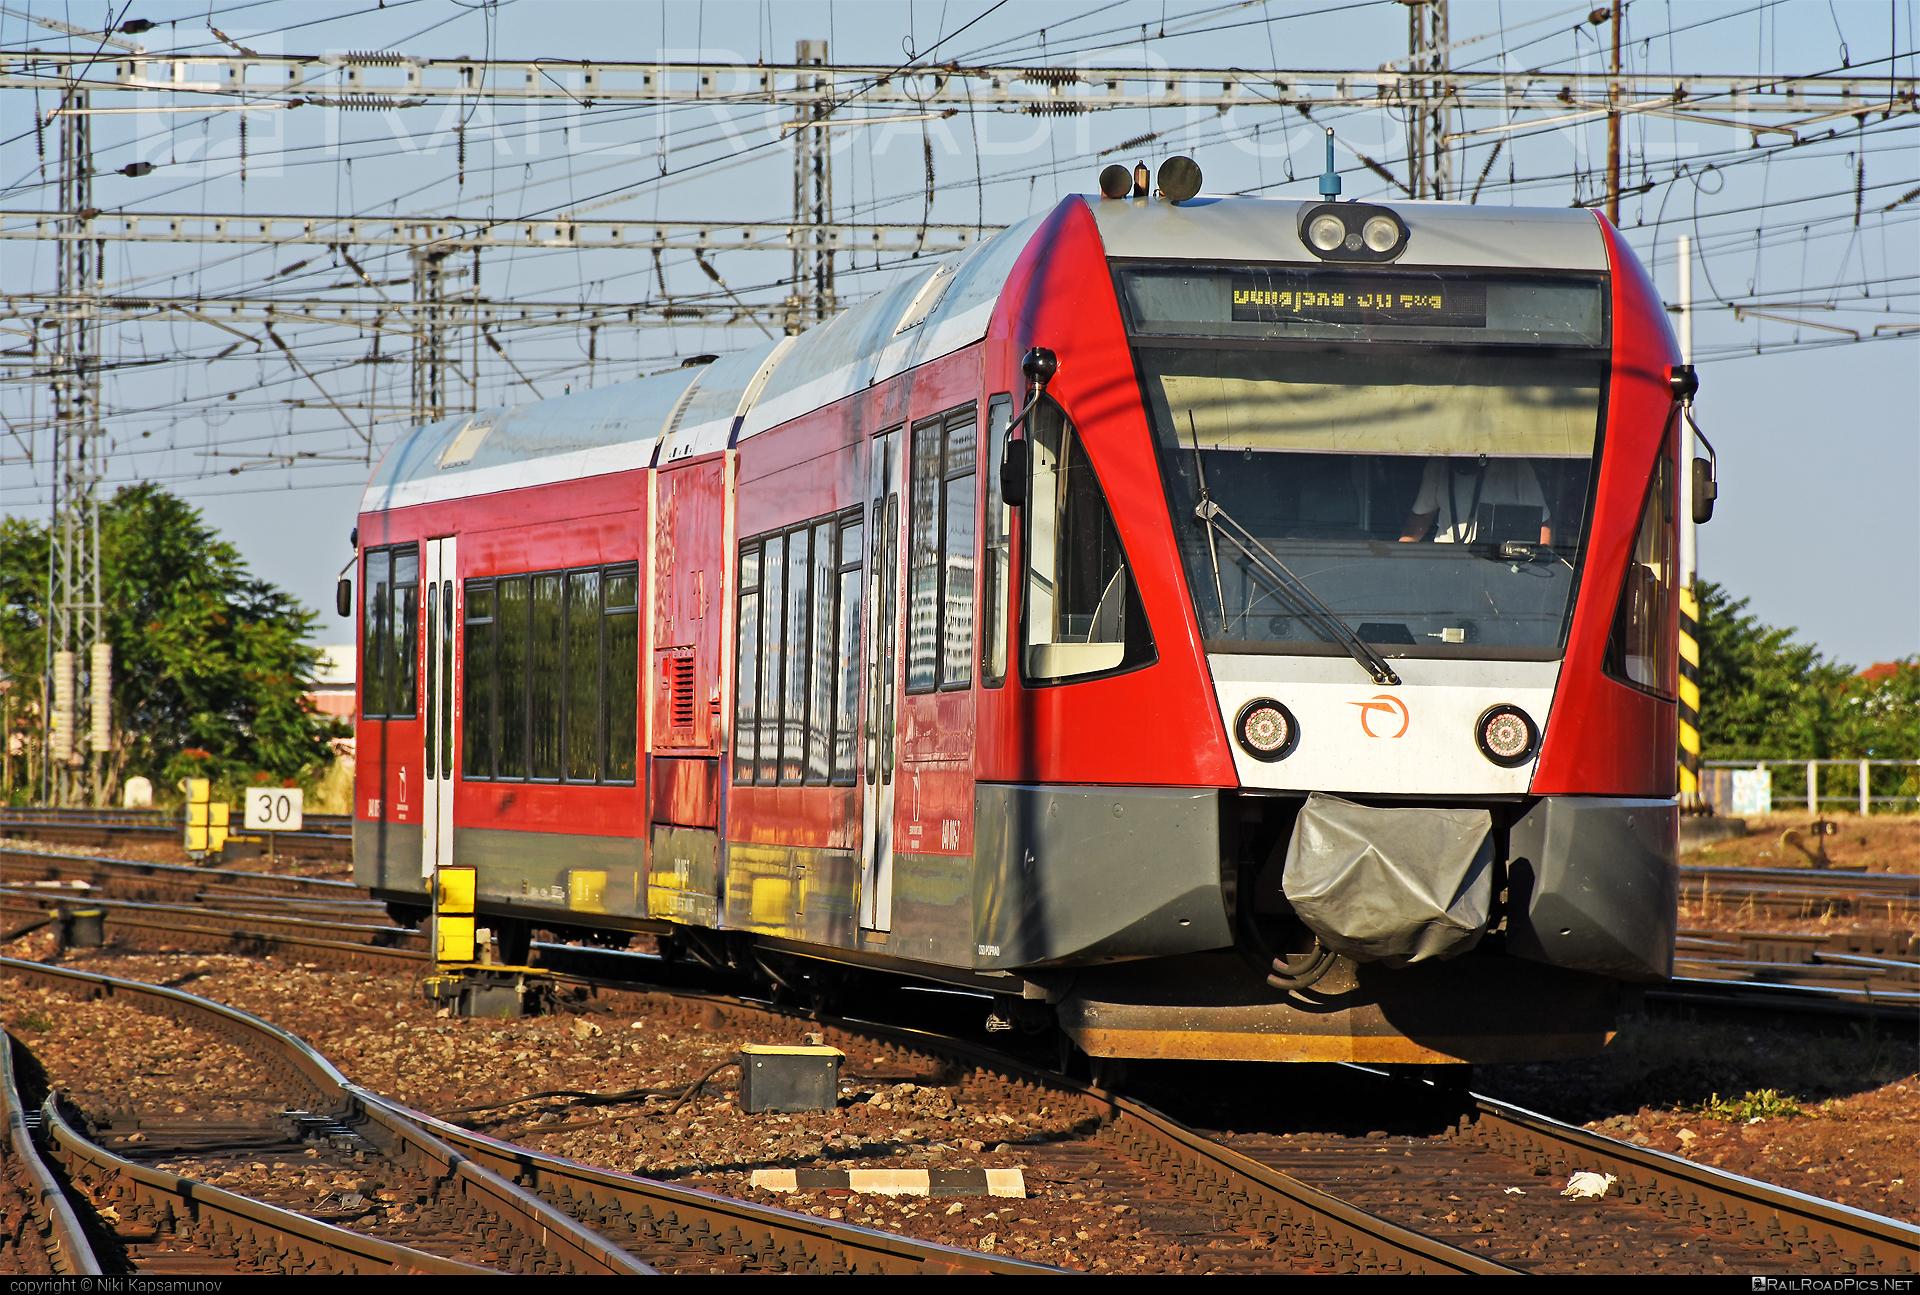 GTW Vysoké Tatry Class 840 - 840 005-7 operated by Železničná Spoločnost' Slovensko, a.s. #ZeleznicnaSpolocnostSlovensko #delfin #gtw26 #gtwvysoketatry #zssk #zssk840